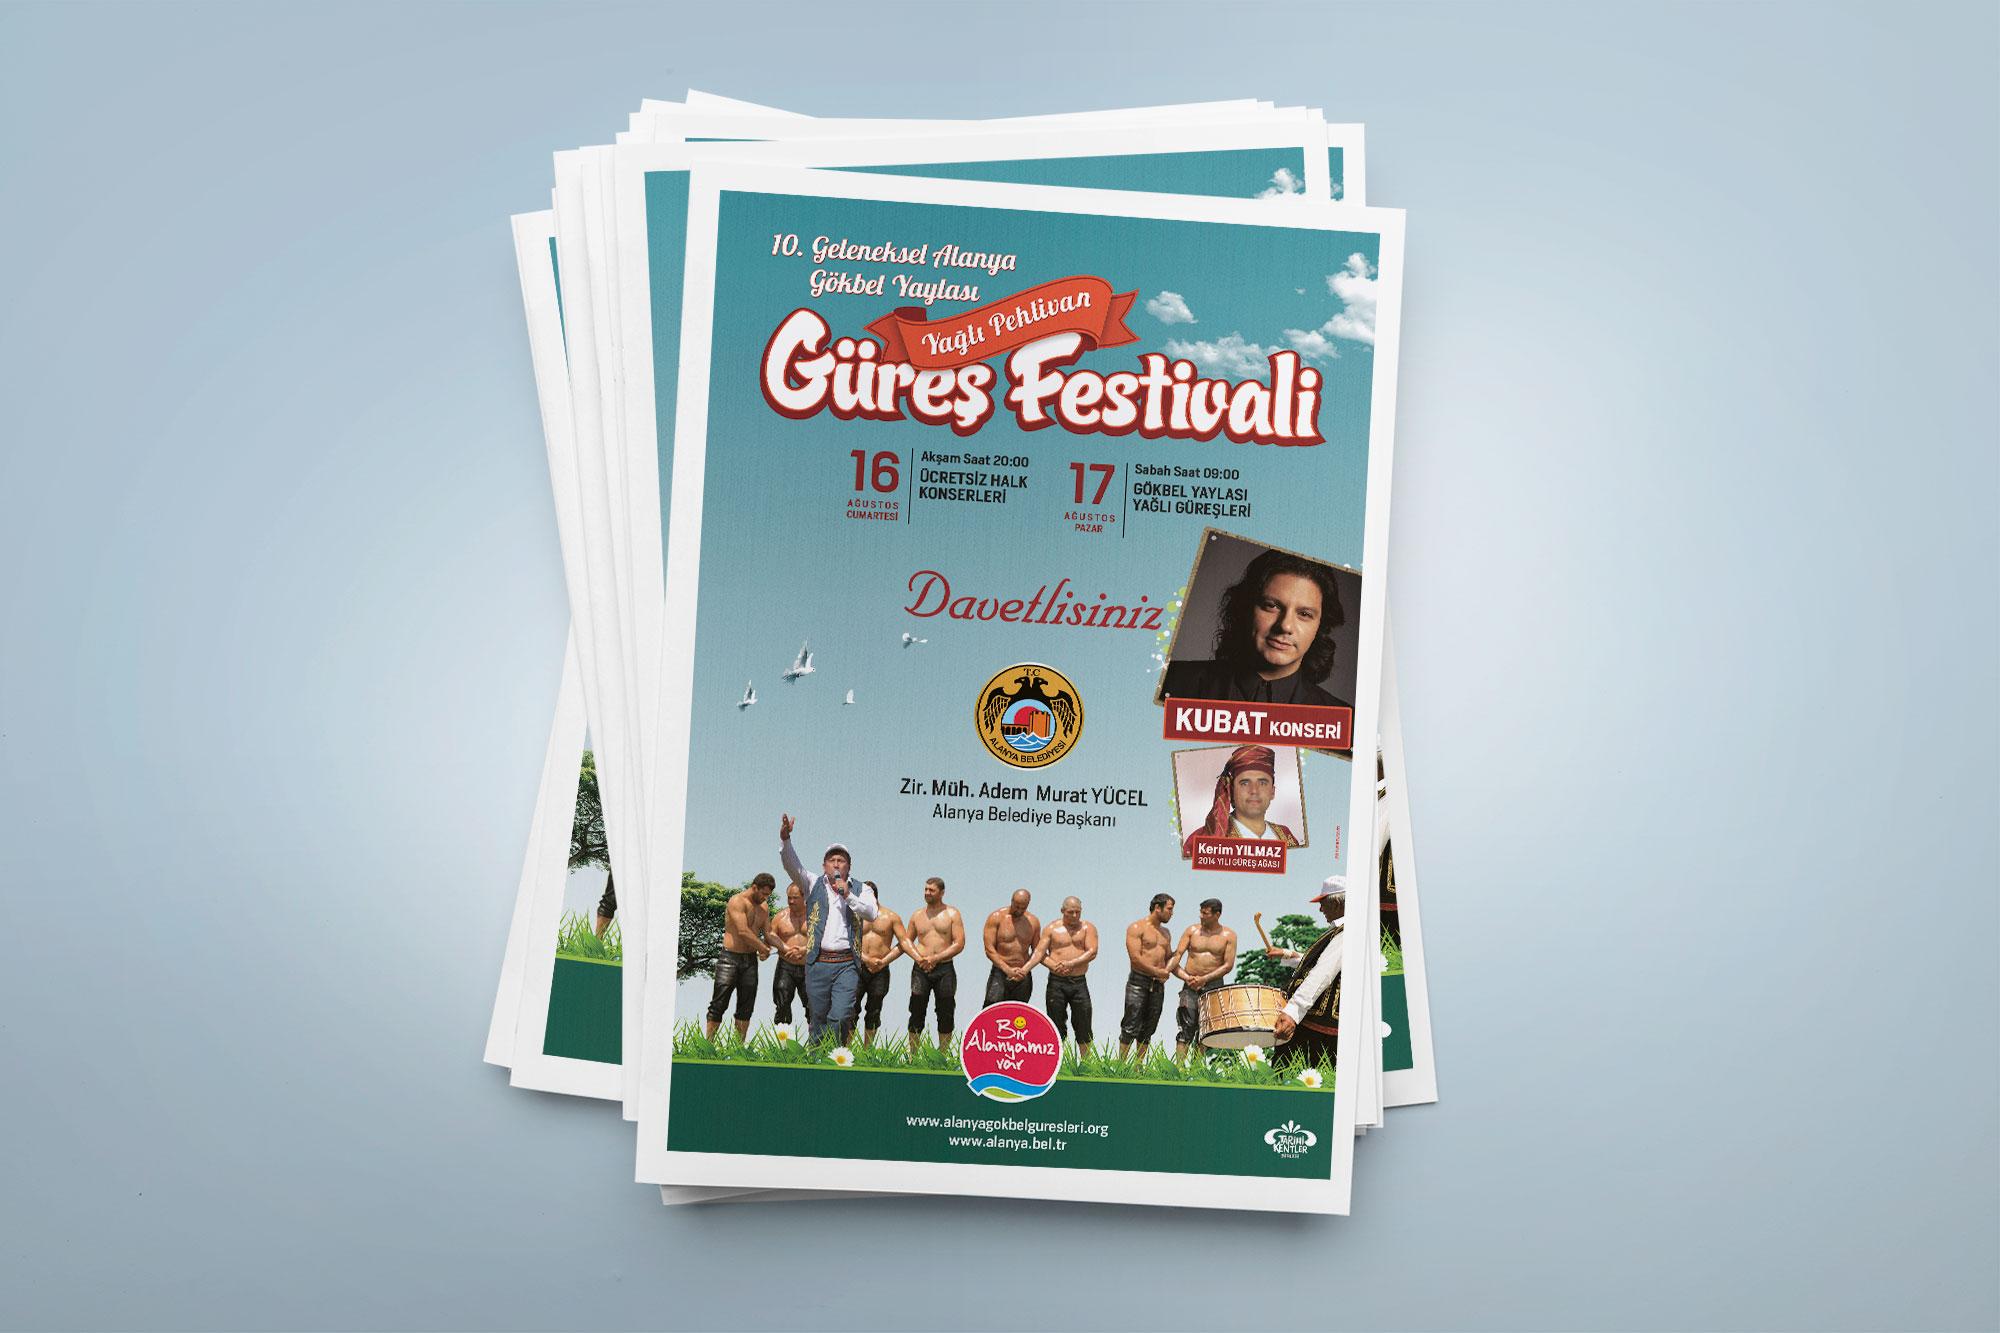 Tabloid Gazete İlanı - Gökbel Yaylası Yağlı Pehlivan Güreş Festivali